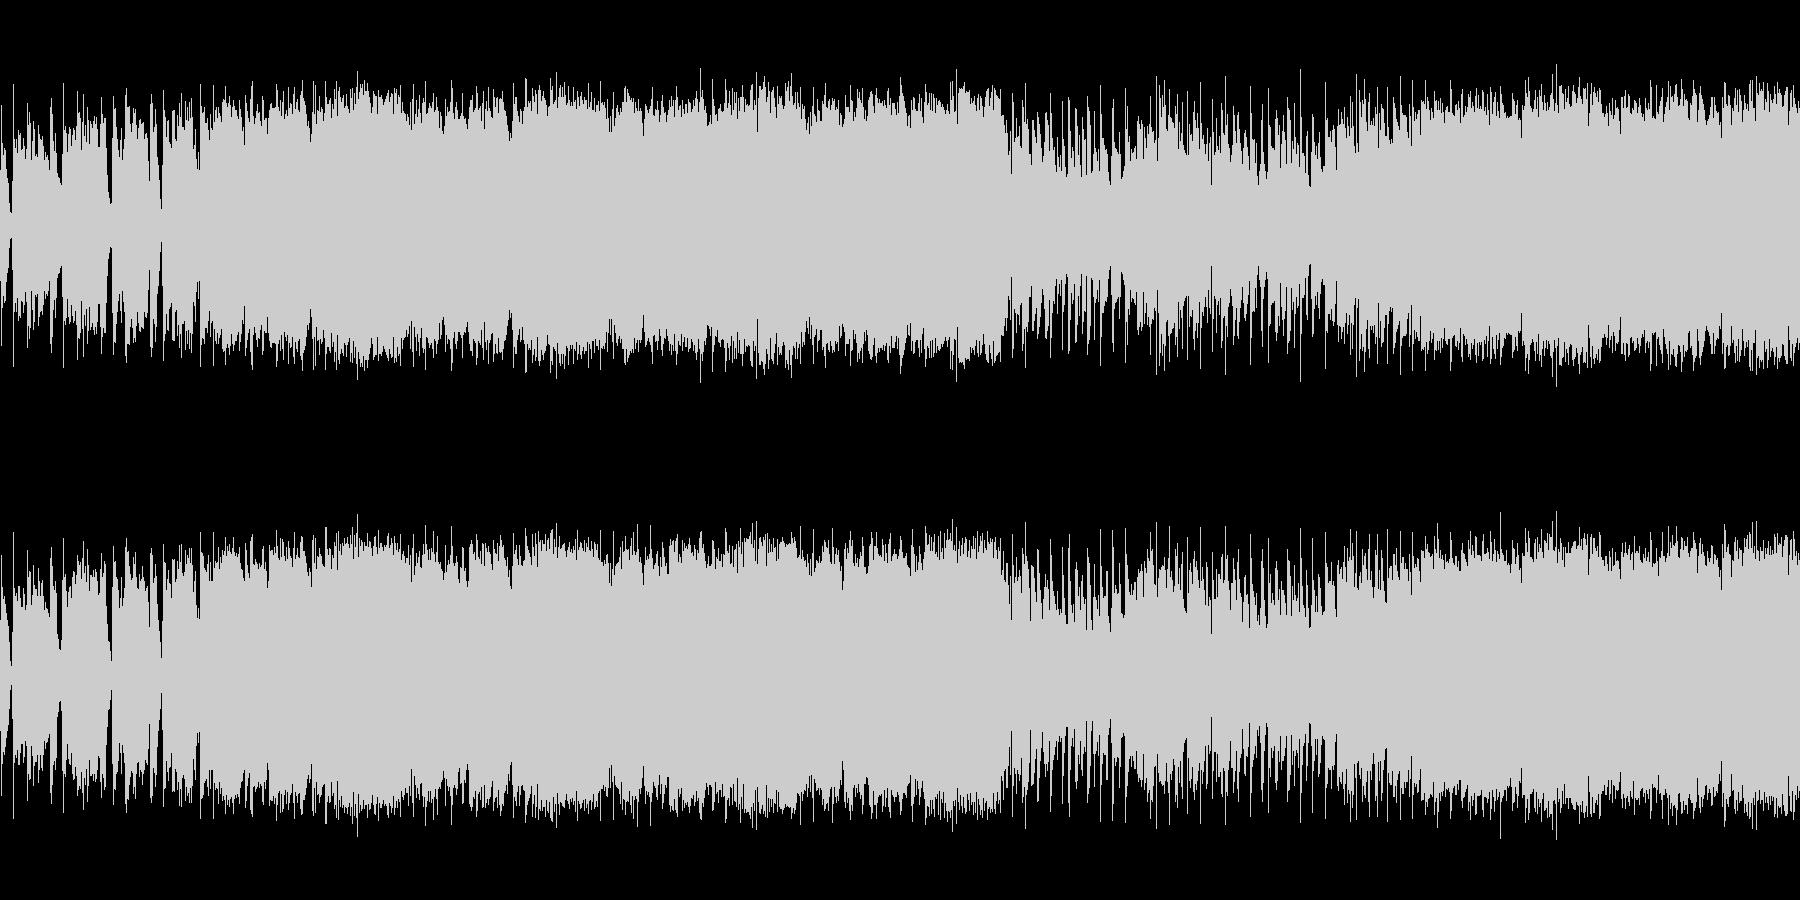 【爽やかなプログレロック、シンセリード】の未再生の波形